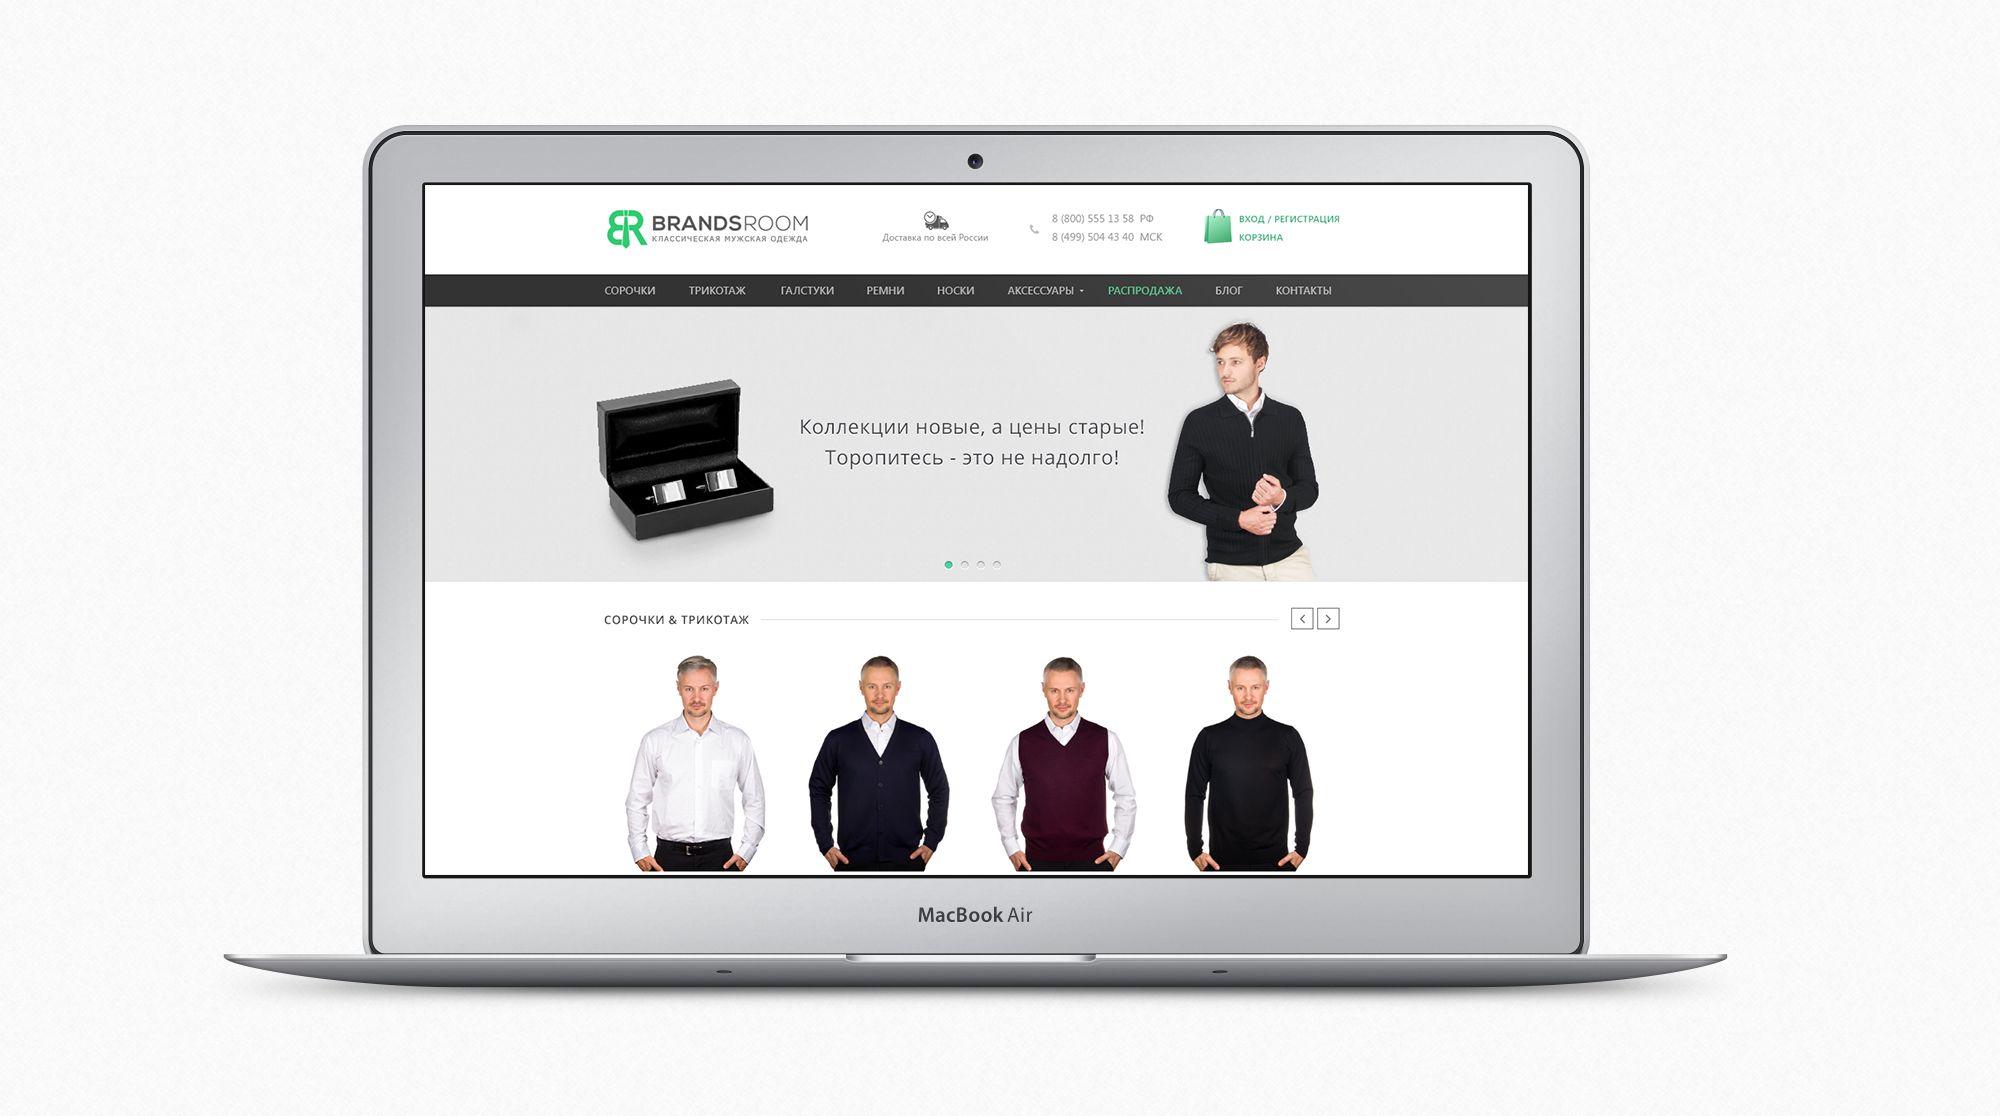 Редизайн главной страницы интернет-магазина - дизайнер ilewqin